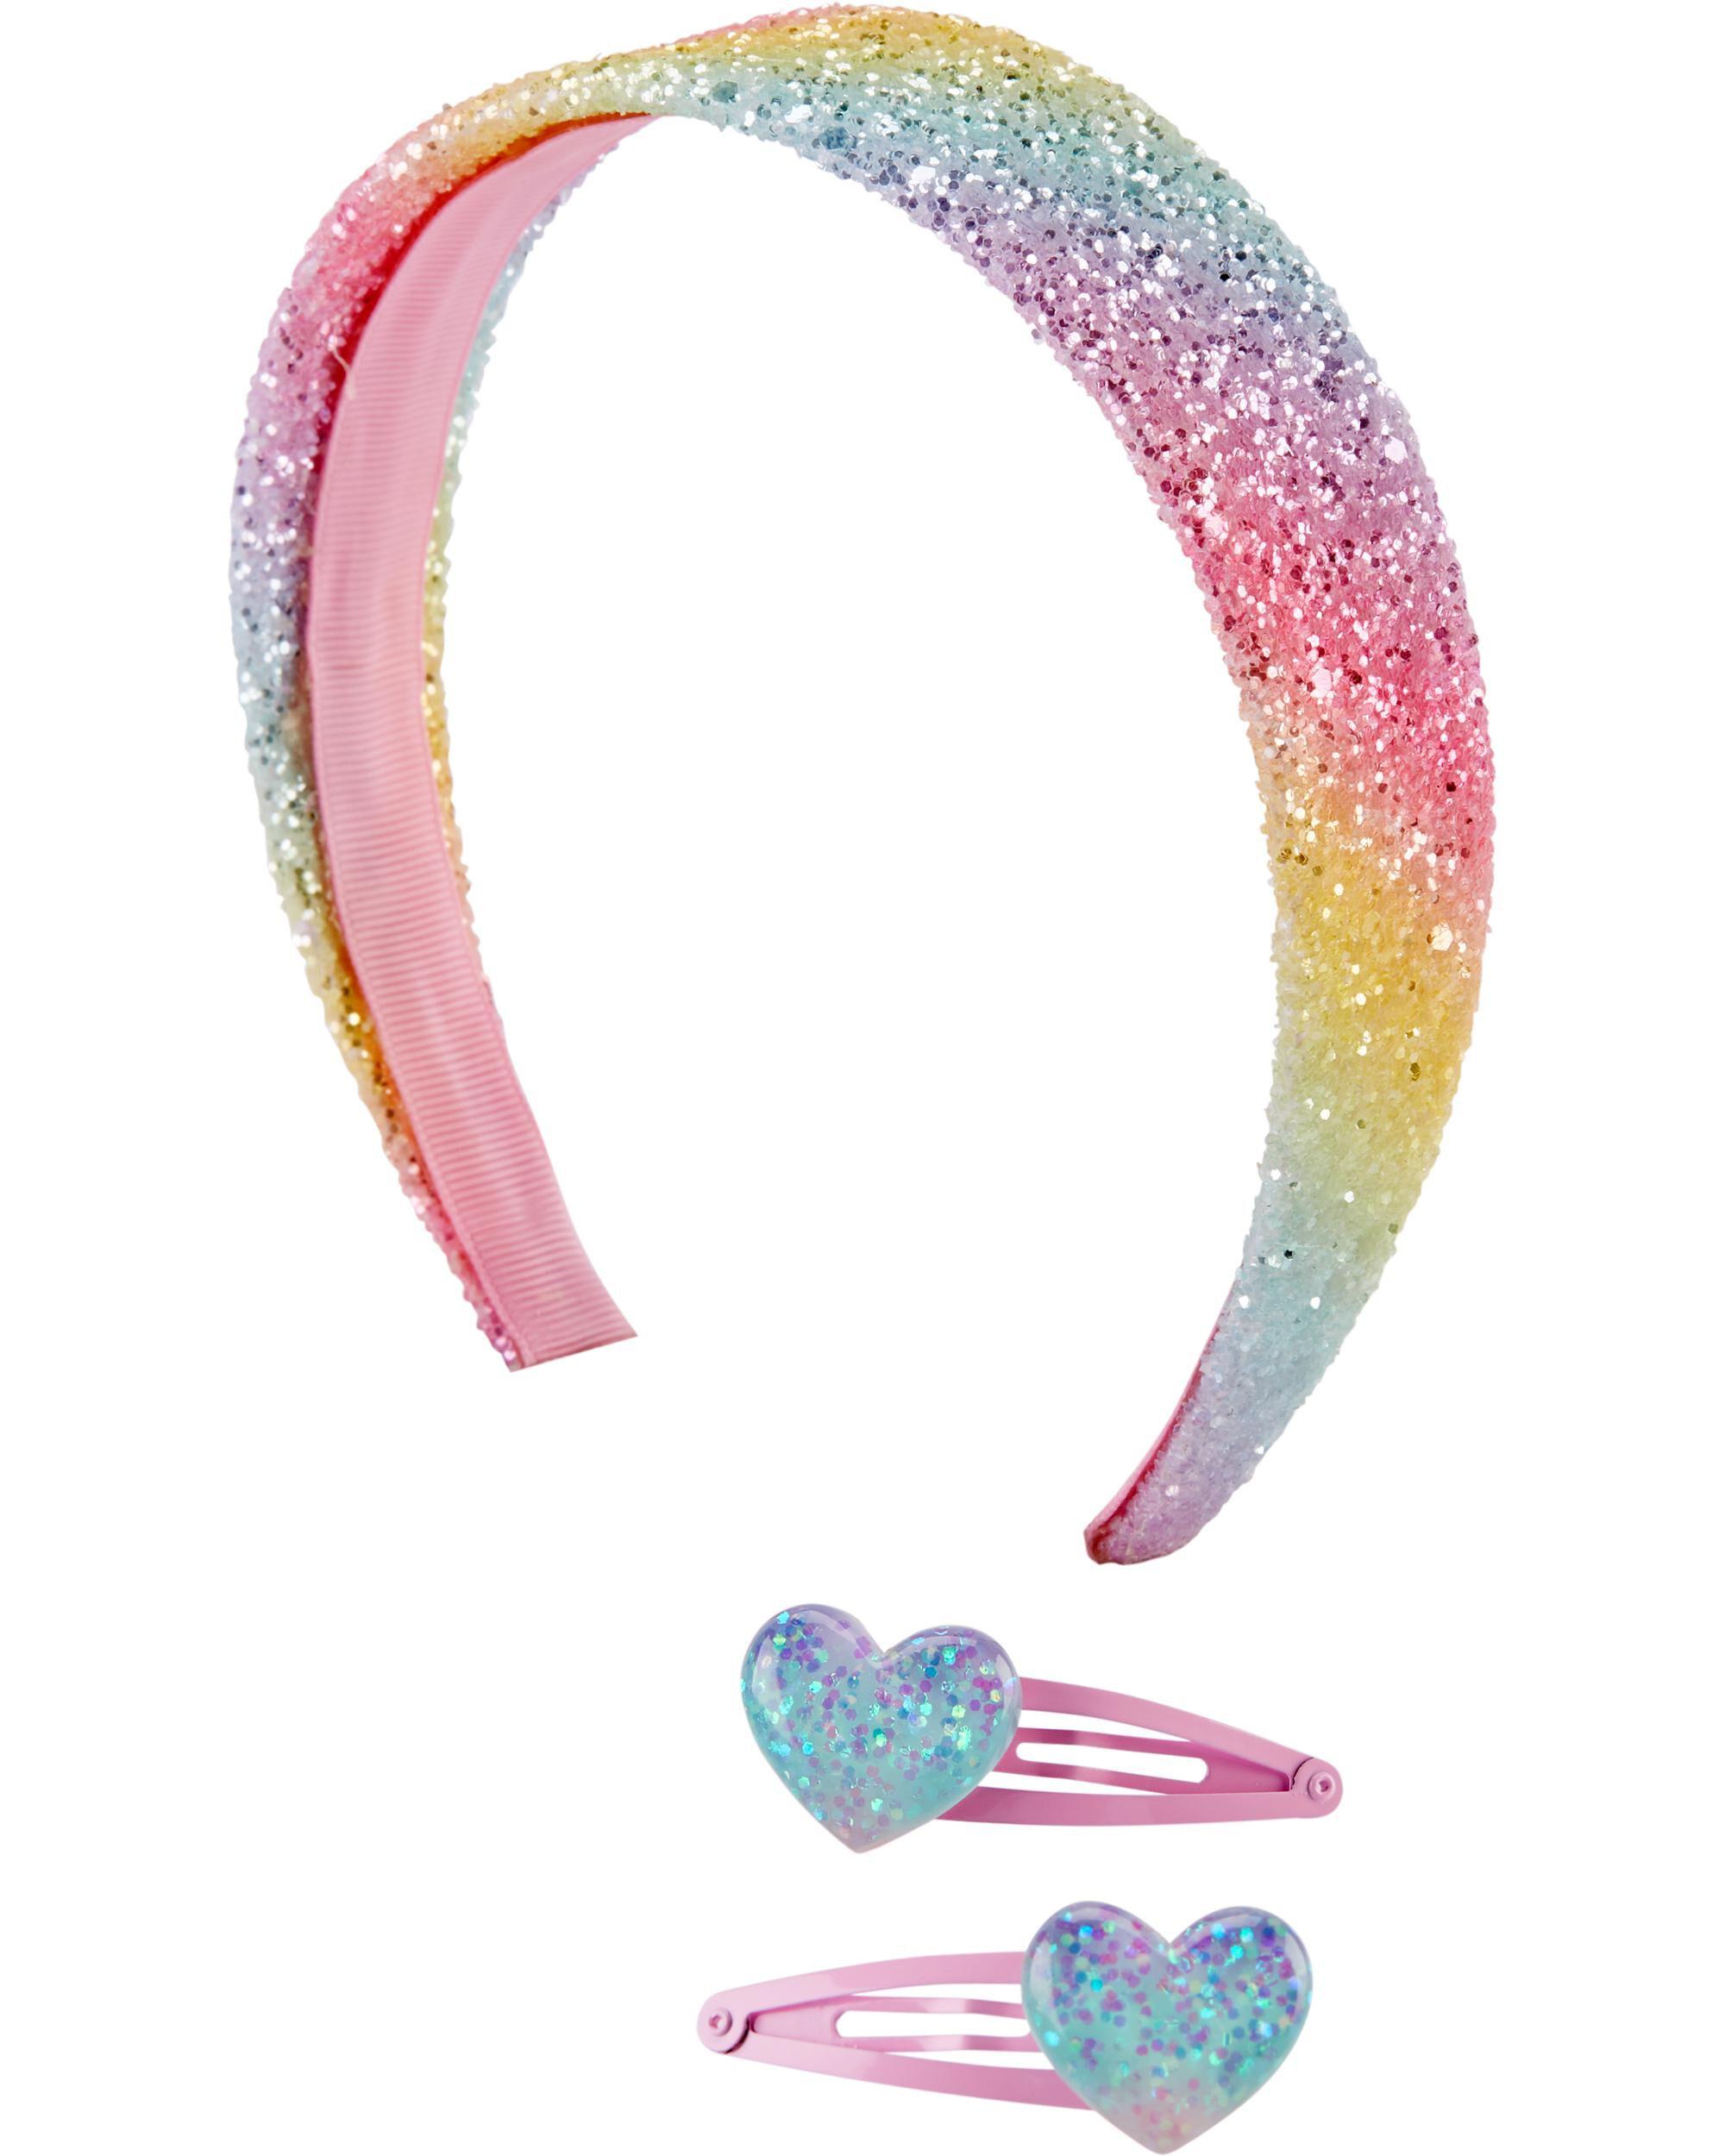 3-Pack Rainbow Headband & Hair Clips Set